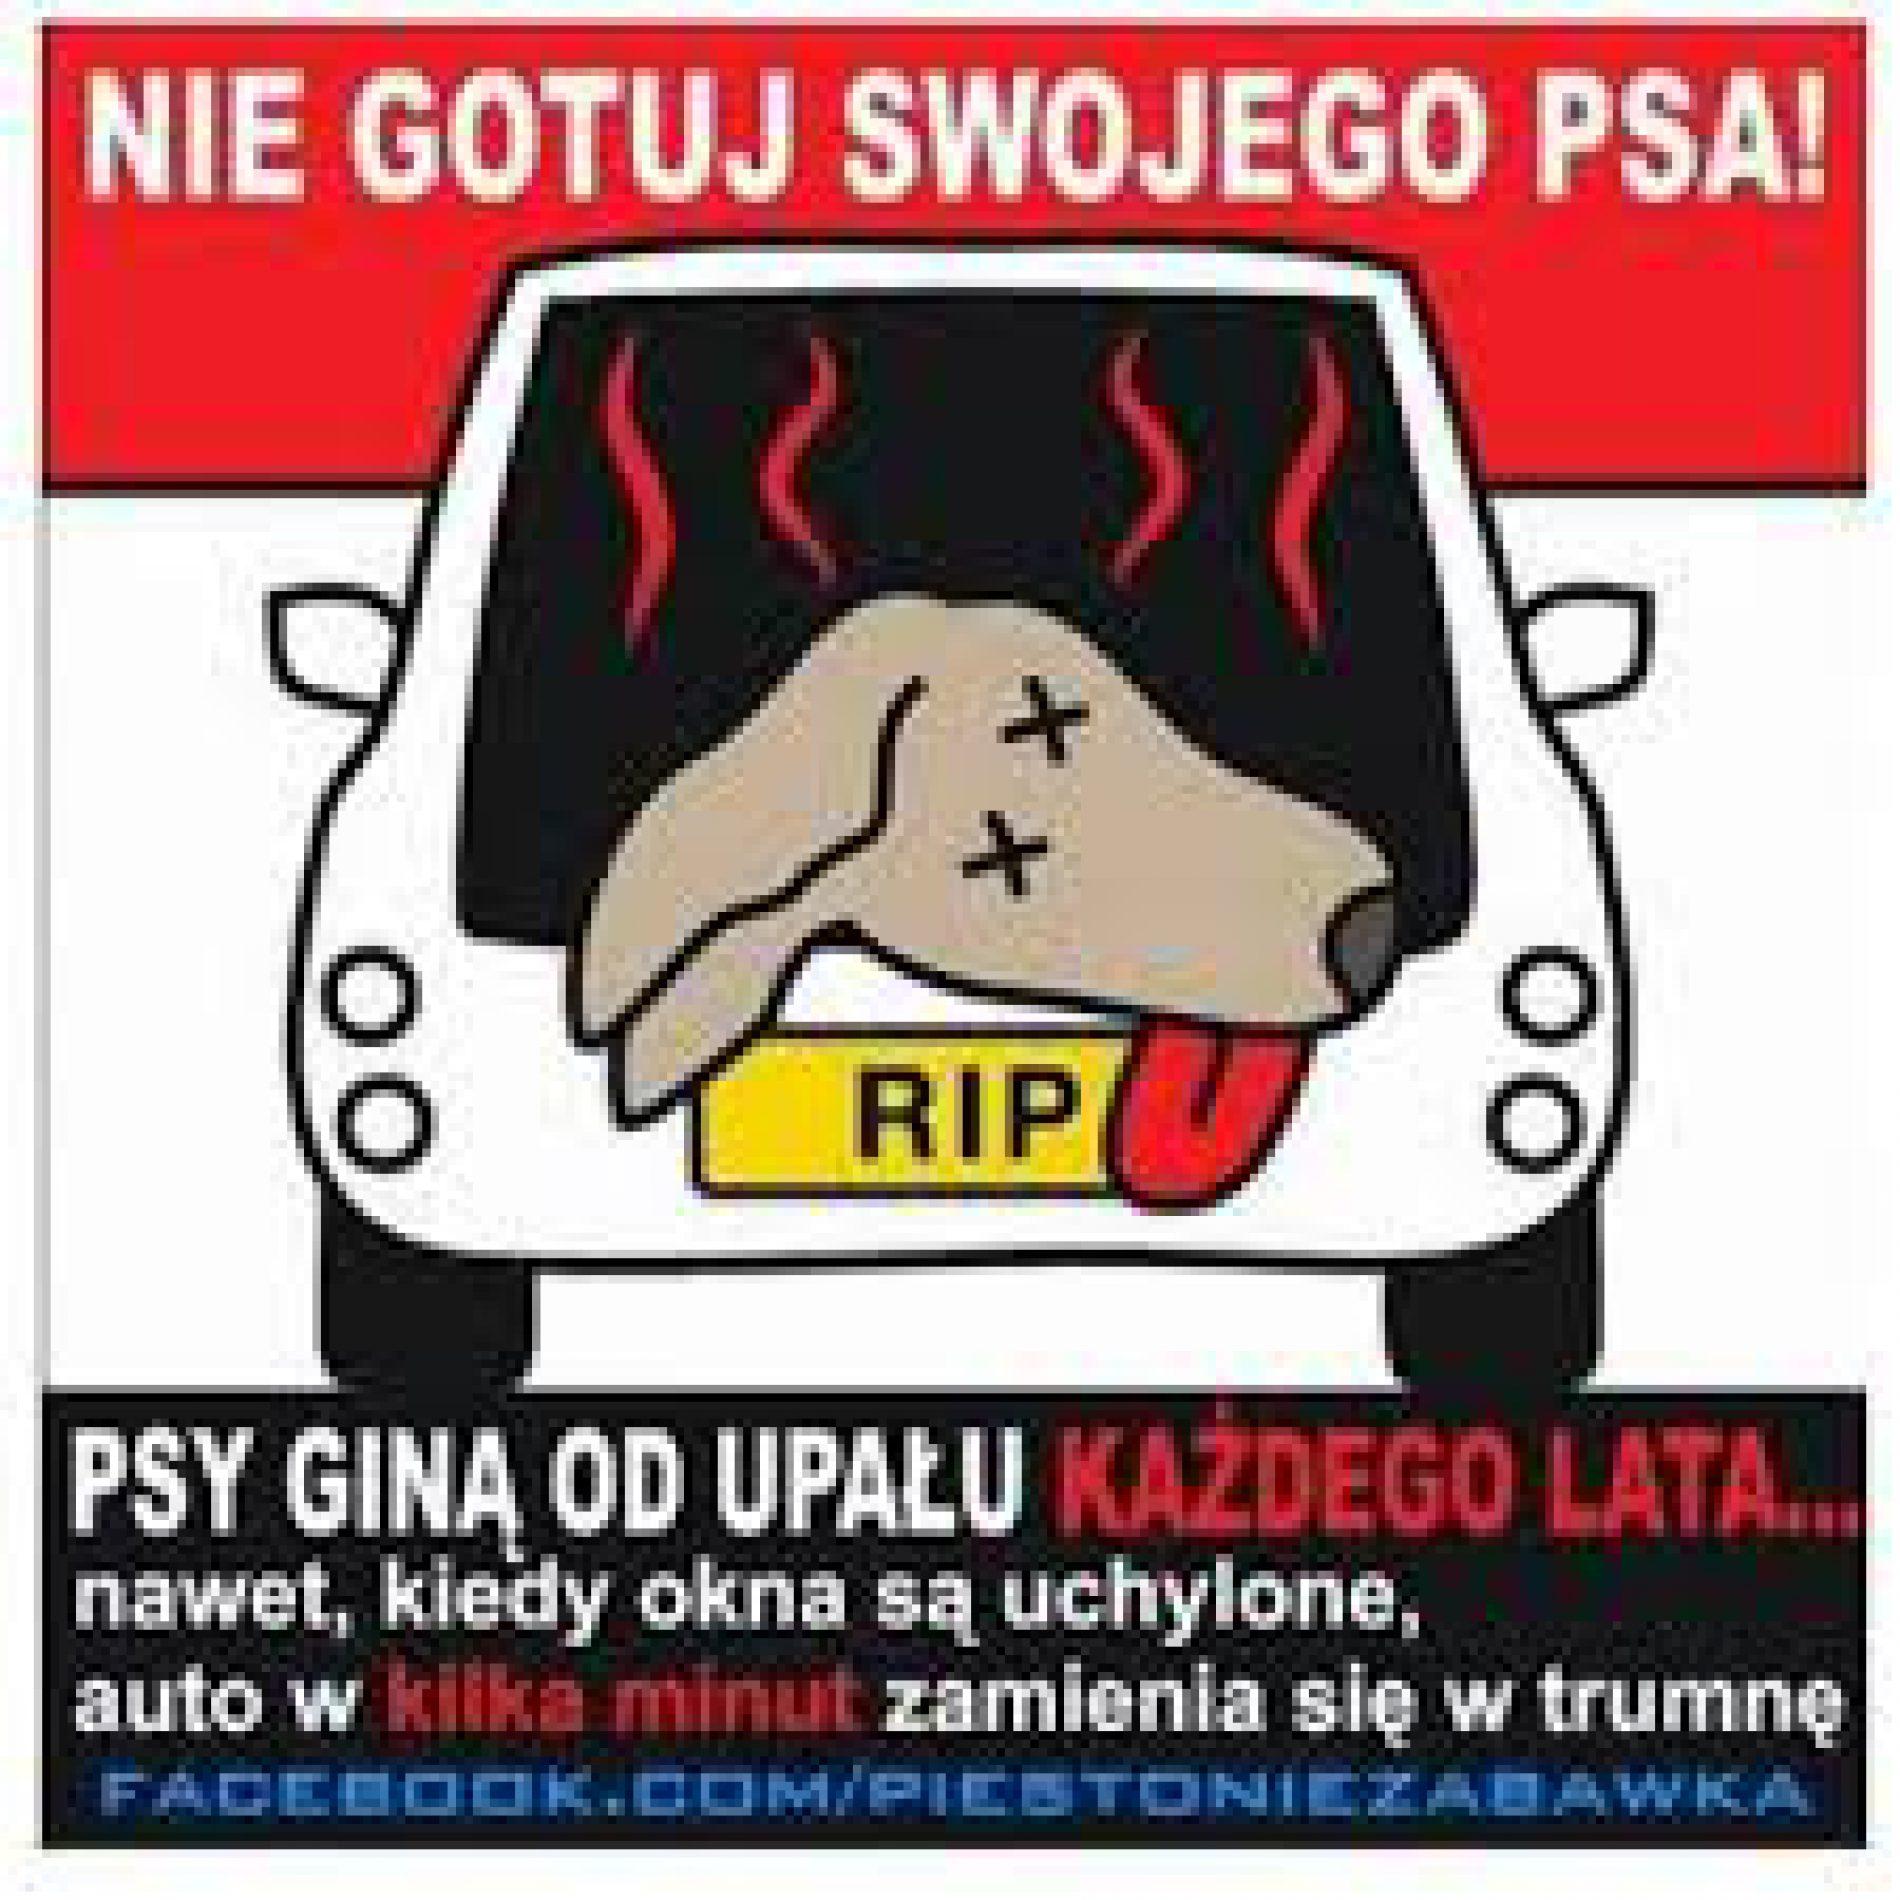 Mrągowo: Policjanci interweniowali w sprawie psa zamkniętego w rozgrzanym samochodzie